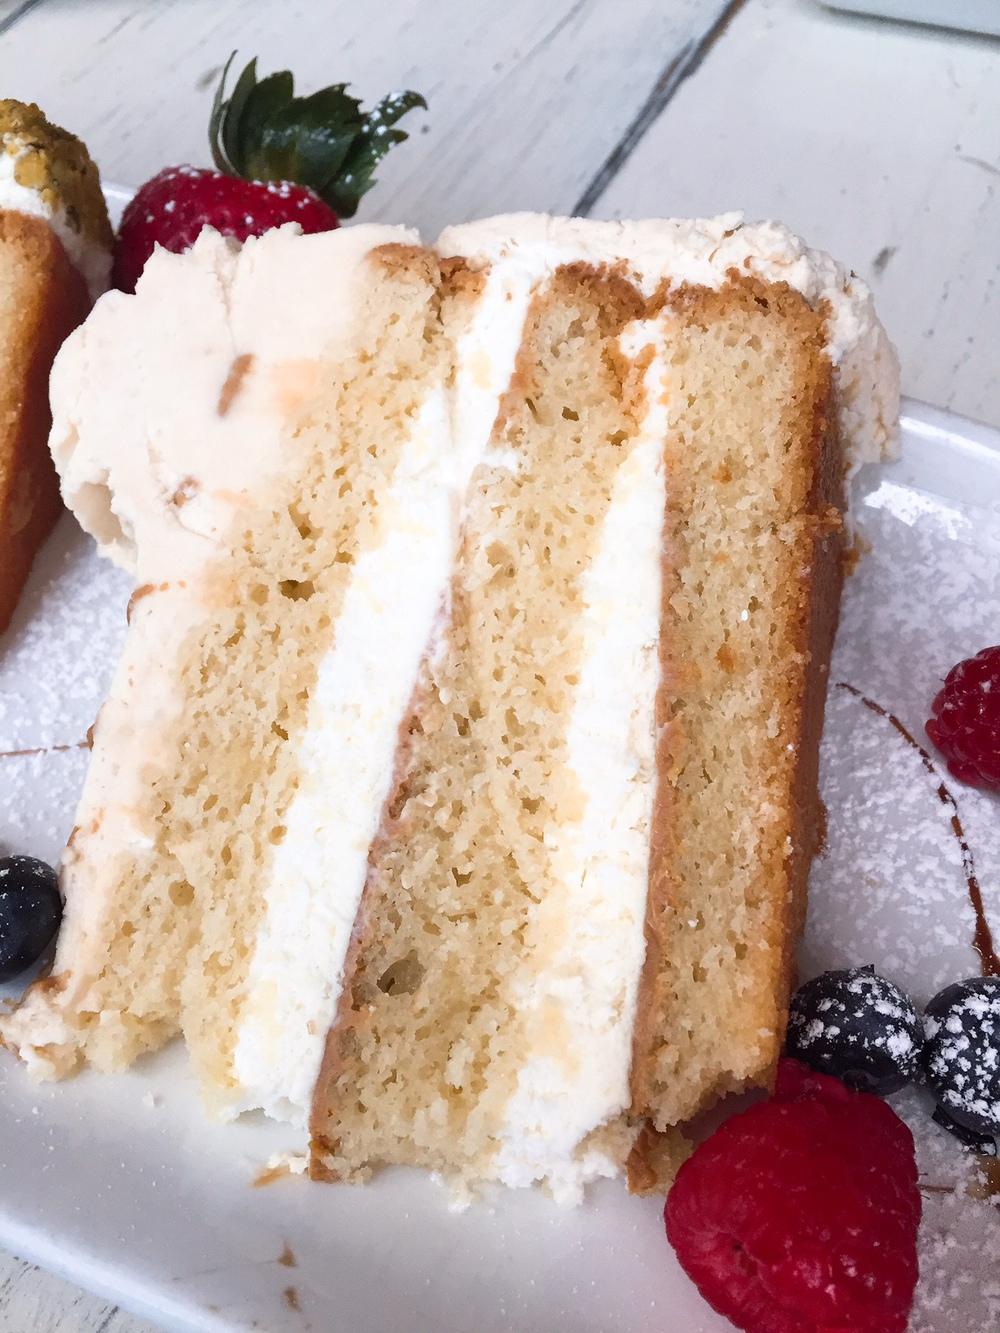 IceBox Cafe Dulce de Leche Cake